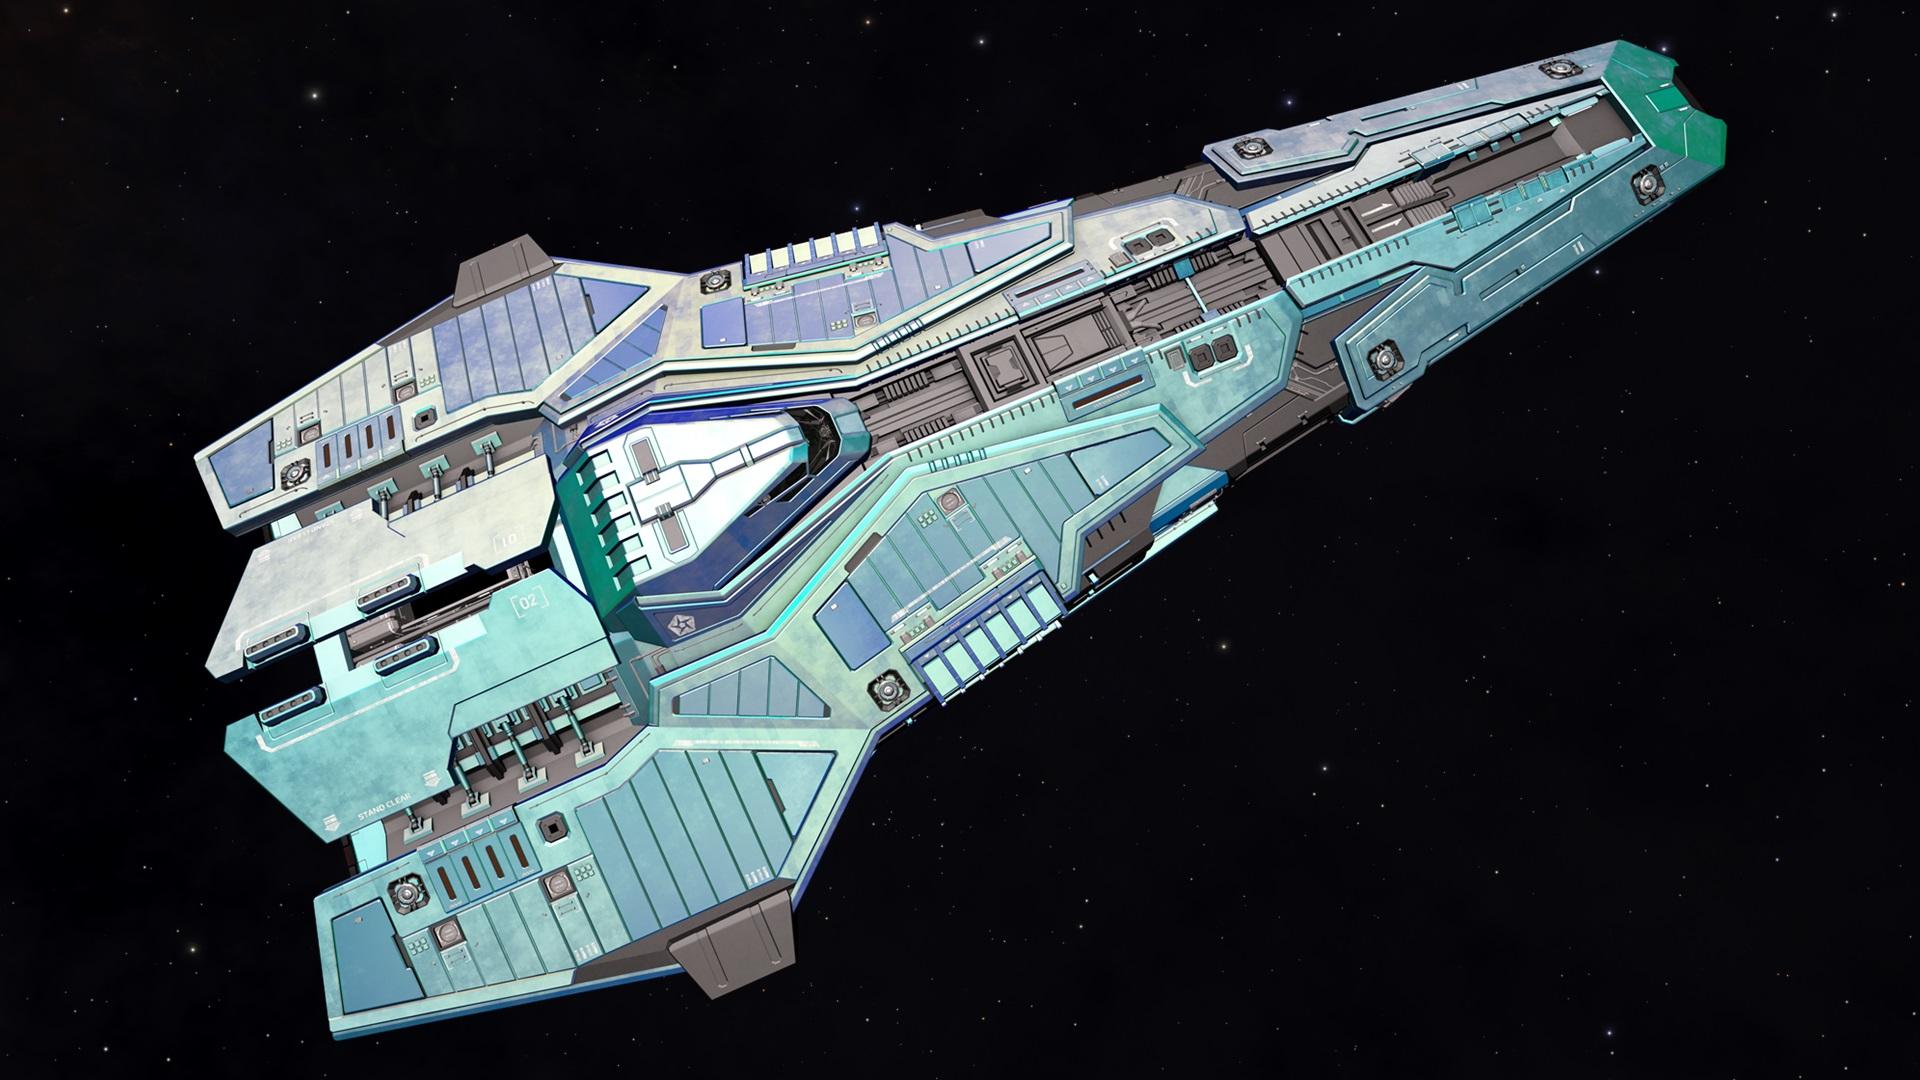 Federation_Corvette_LRPO_Azure_Stars_1920.jpg